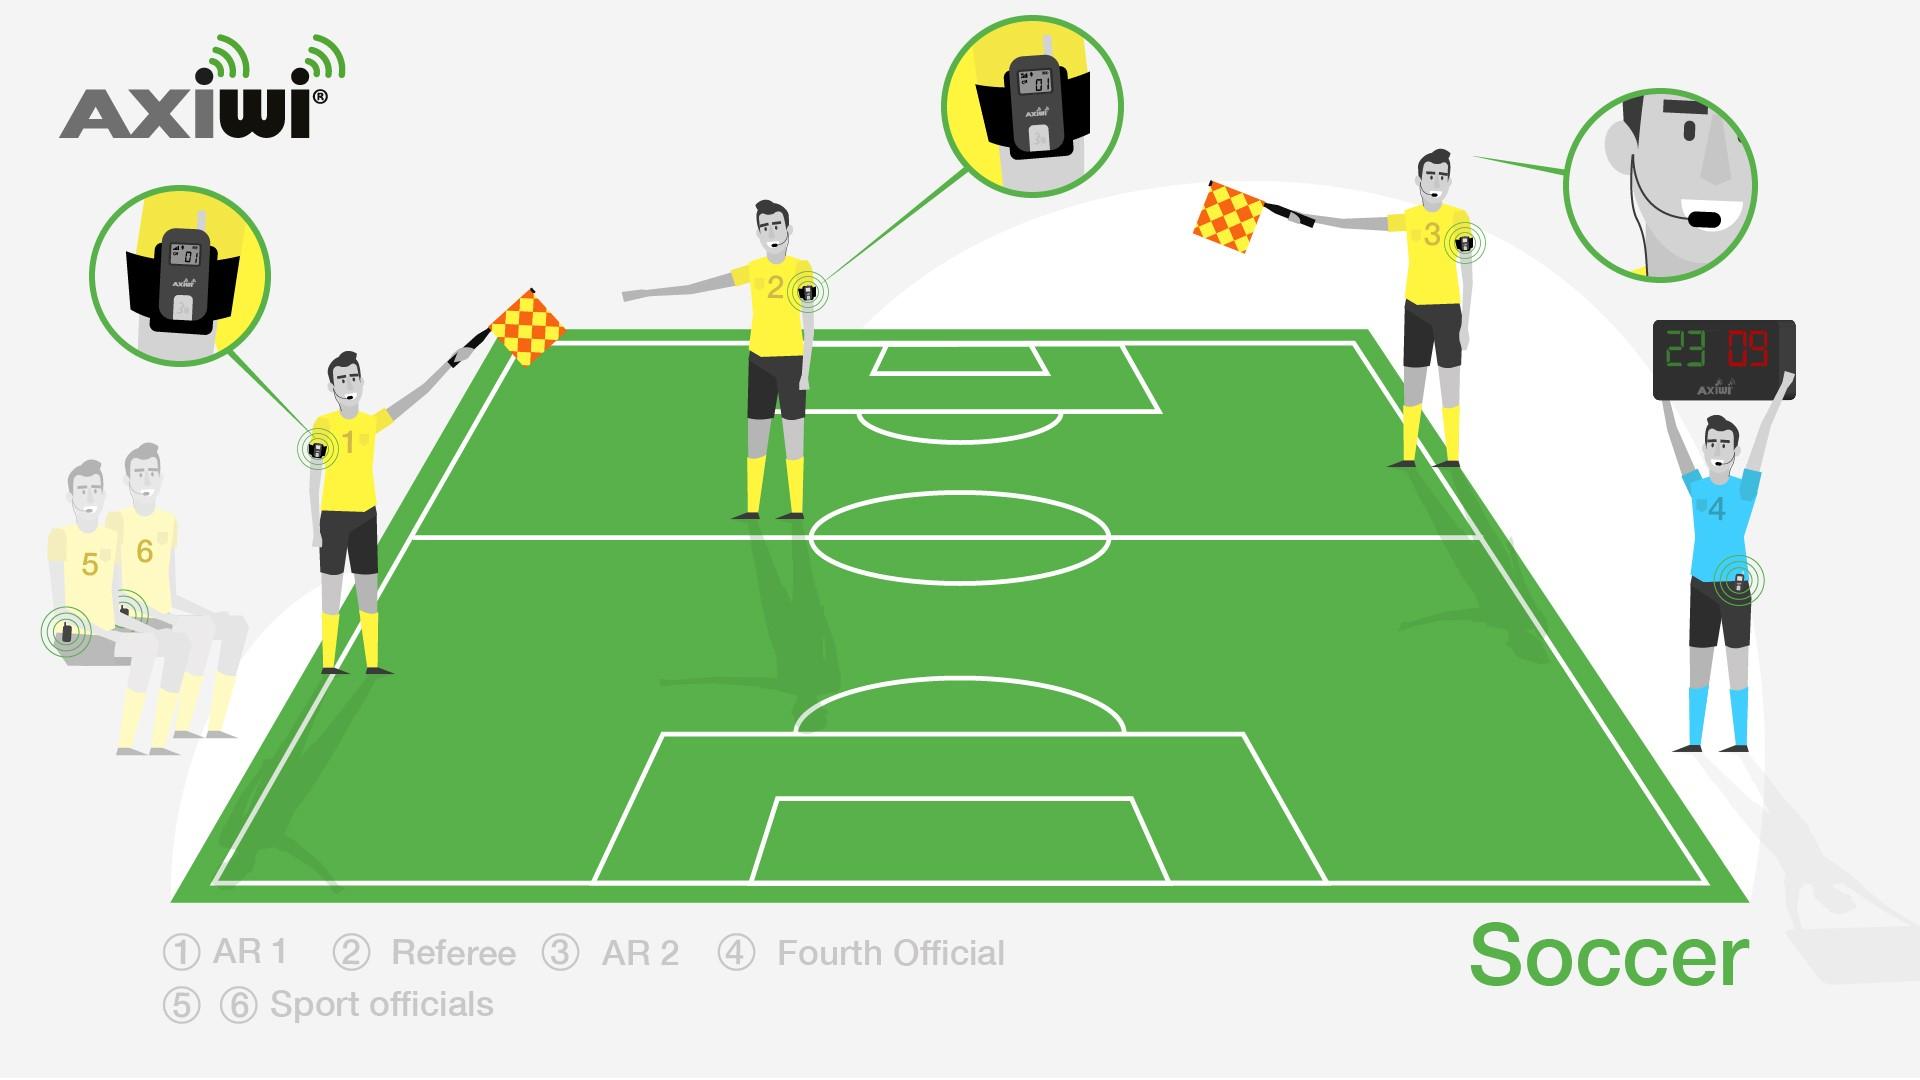 axiwi-kommunikationssystem-schiedsrichter-fußball